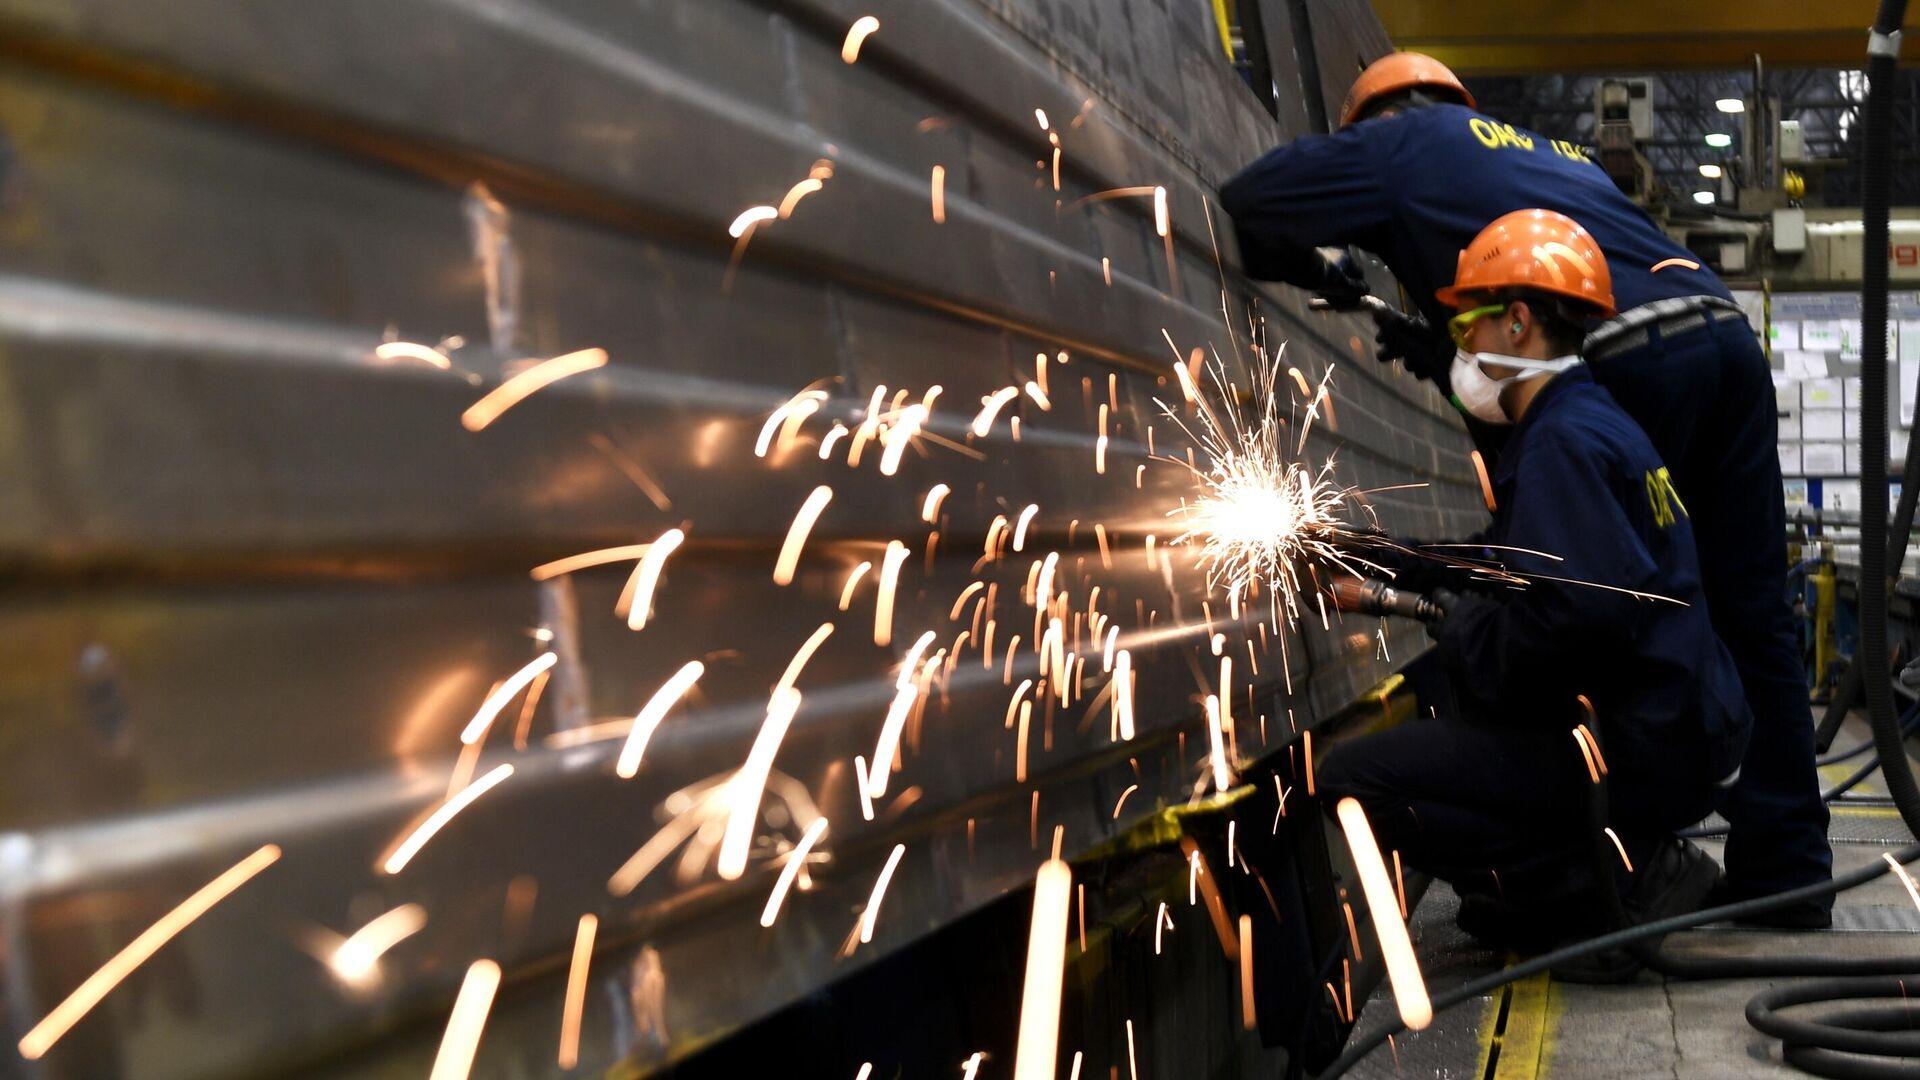 Рабочие на линии сборки вагонов на Тверском вагоностроительном заводе - РИА Новости, 1920, 10.06.2021